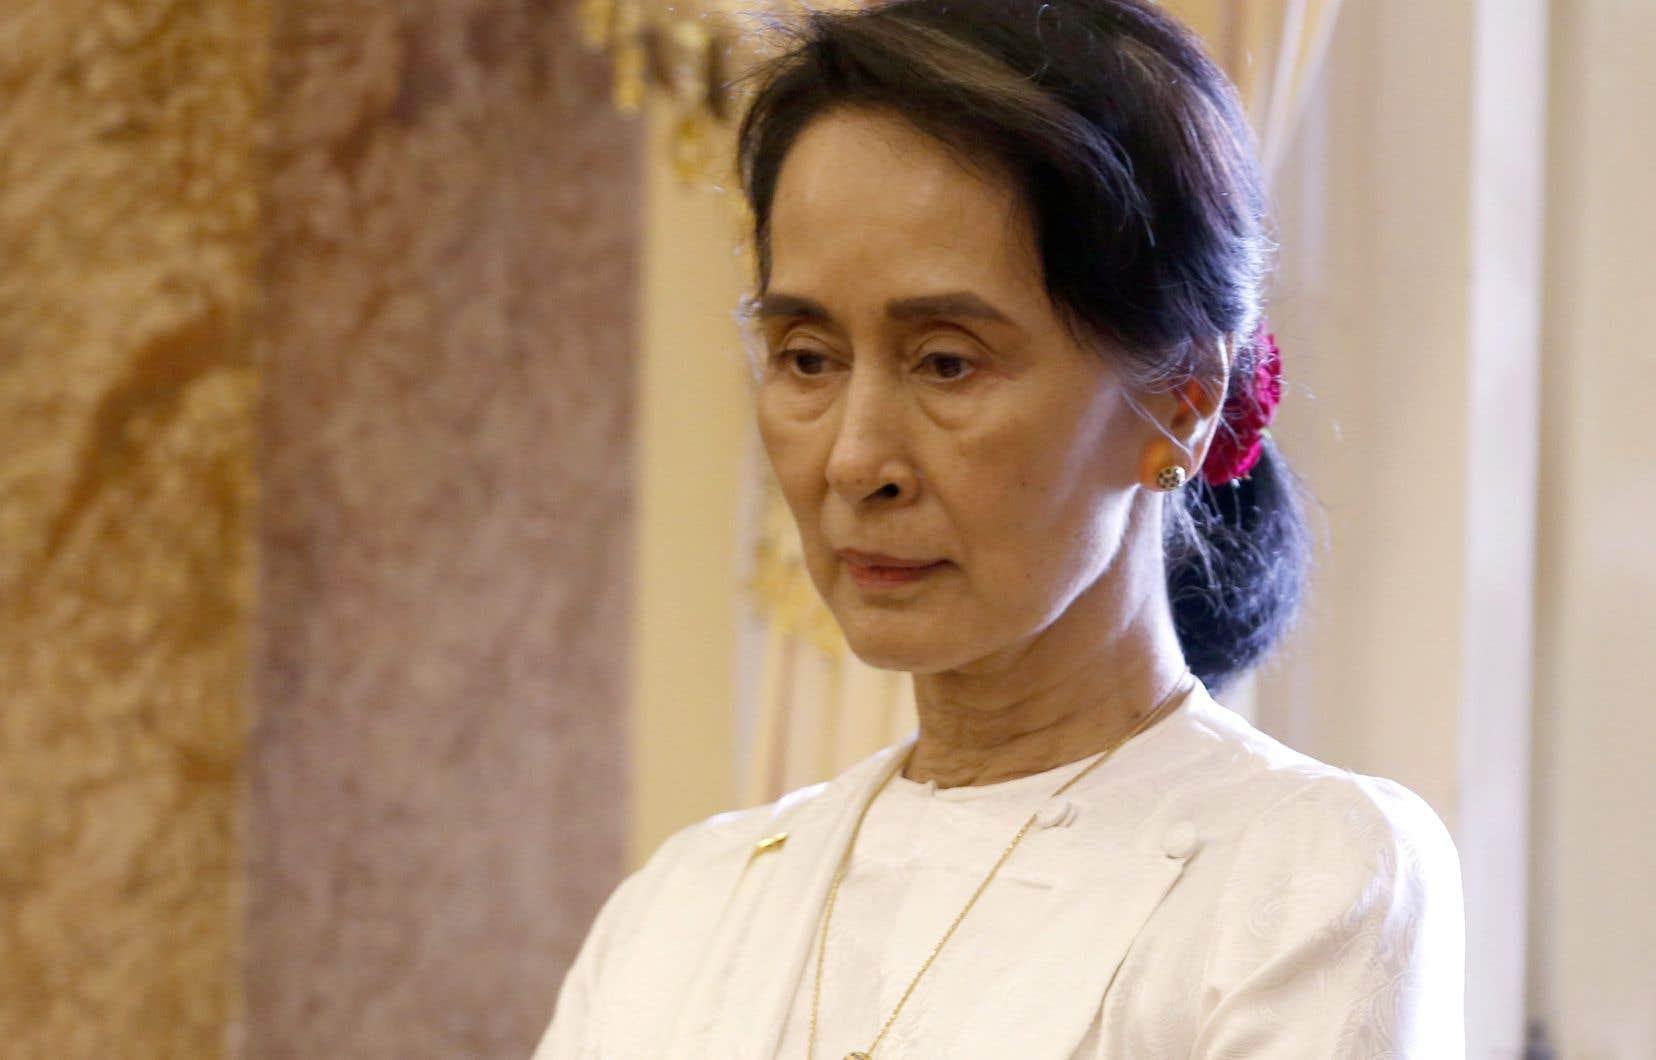 Tour à tour, les partis d'opposition ont soutenu l'idée de retirer cet honneur qui avait été remis à la lauréate du Nobel de la paix Aung San Suu Kyi en 2007, lorsqu'elle était emprisonnée à sa résidence de Rangoun.